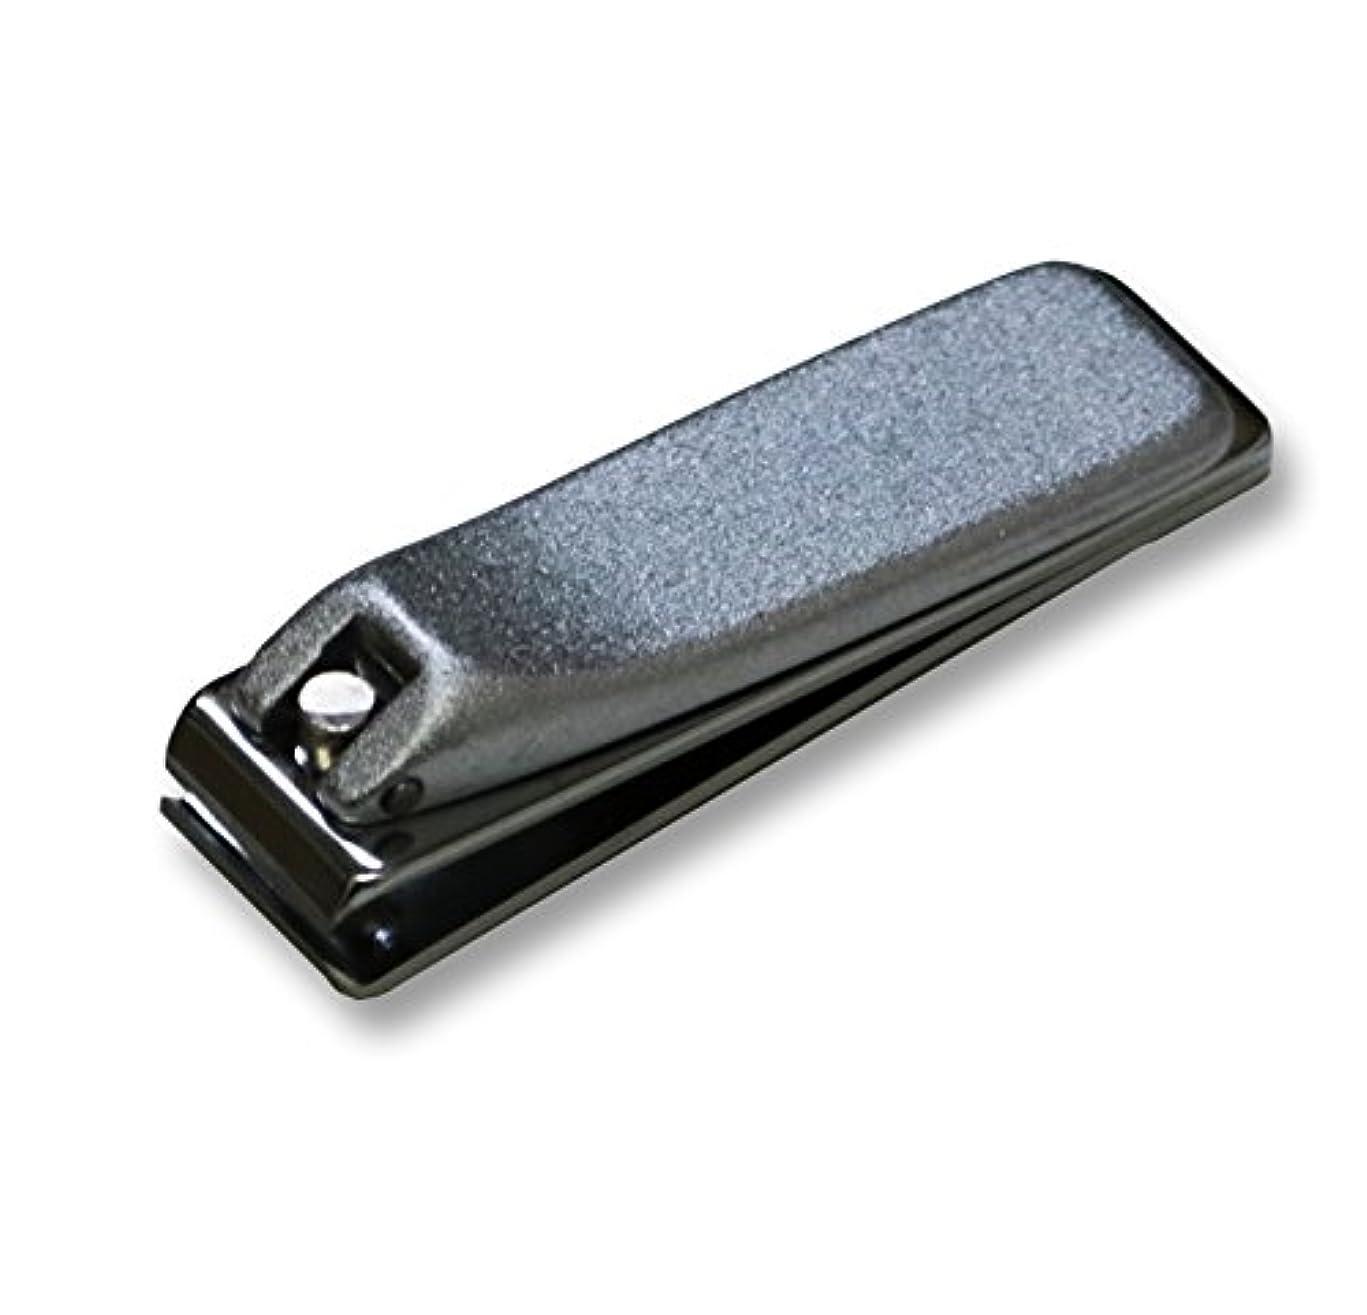 KD-035 関の刃物 クローム爪切 直刃 小 カバー無